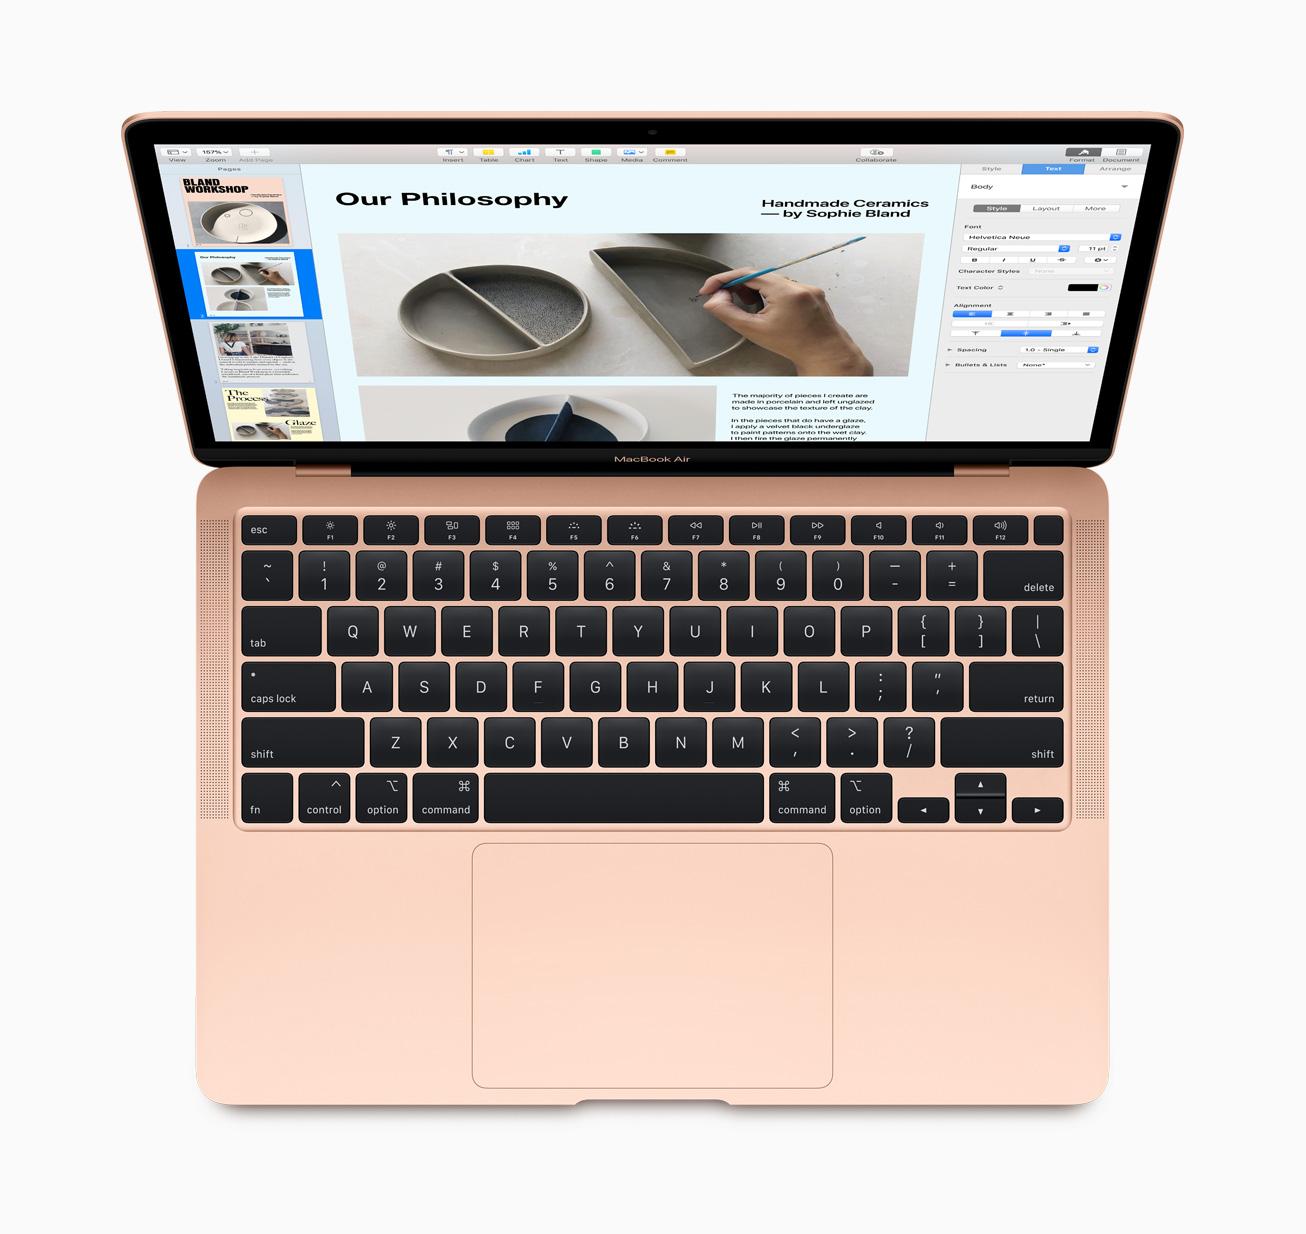 MacBook Air มาพร้อม Magic Keyboard ใหม่ที่มีกลไกแบบกรรไกรซึ่งได้รับการออกแบบใหม่ให้มีการขยับขึ้นลงของปุ่มที่ระยะ 1 มม. เพื่อประสบการณ์ในการพิมพ์ที่ทั้งสะดวกสบายและมั่นคง